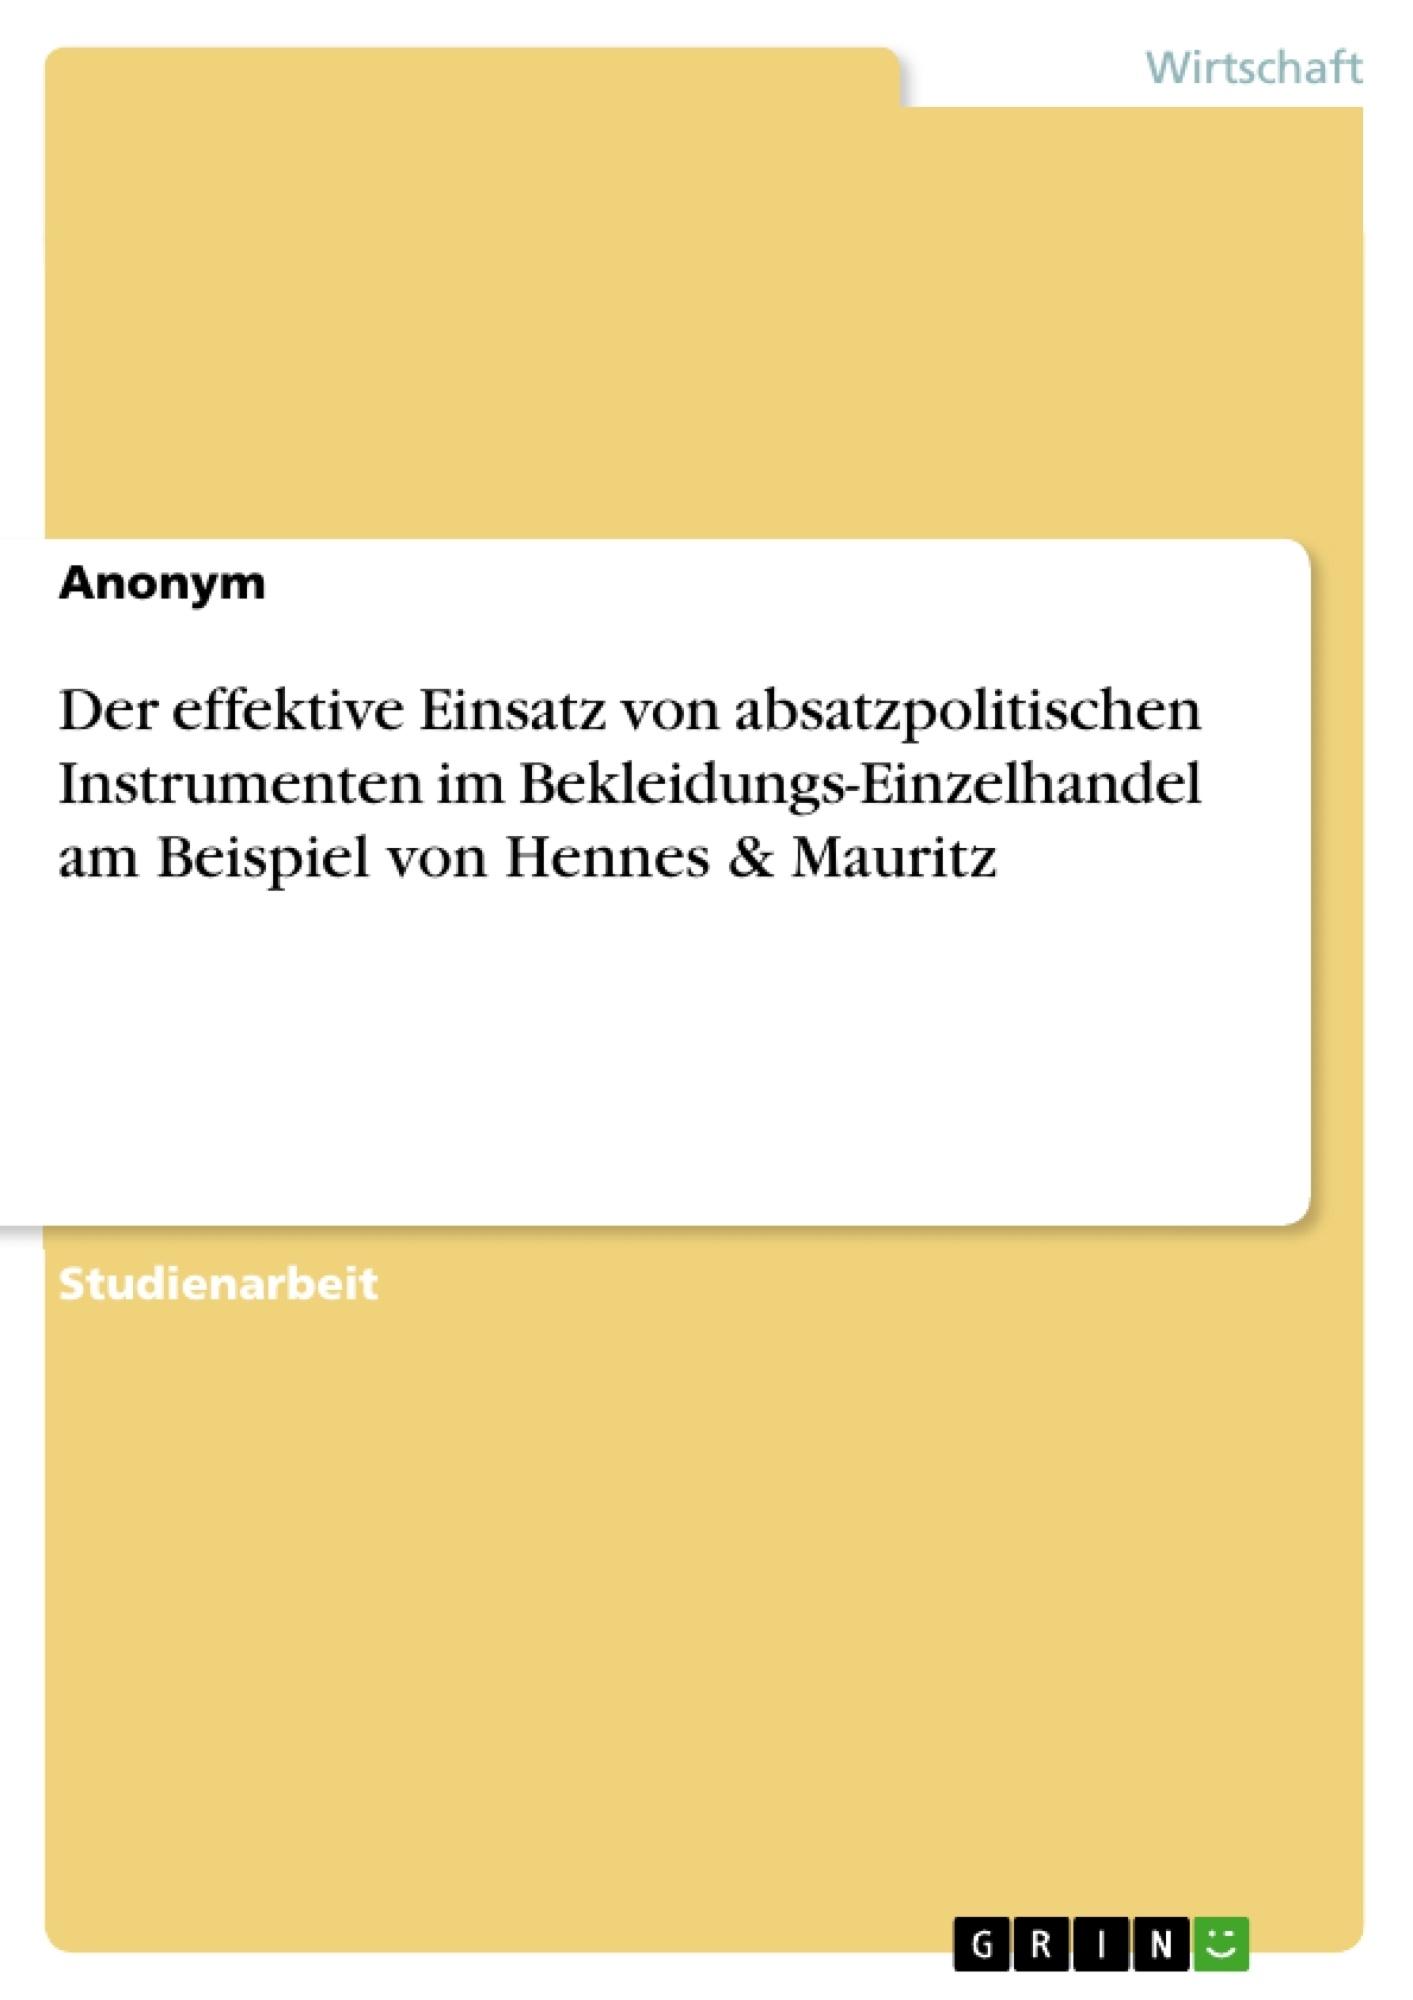 Titel: Der effektive Einsatz von absatzpolitischen Instrumenten im Bekleidungs-Einzelhandel am Beispiel von Hennes & Mauritz